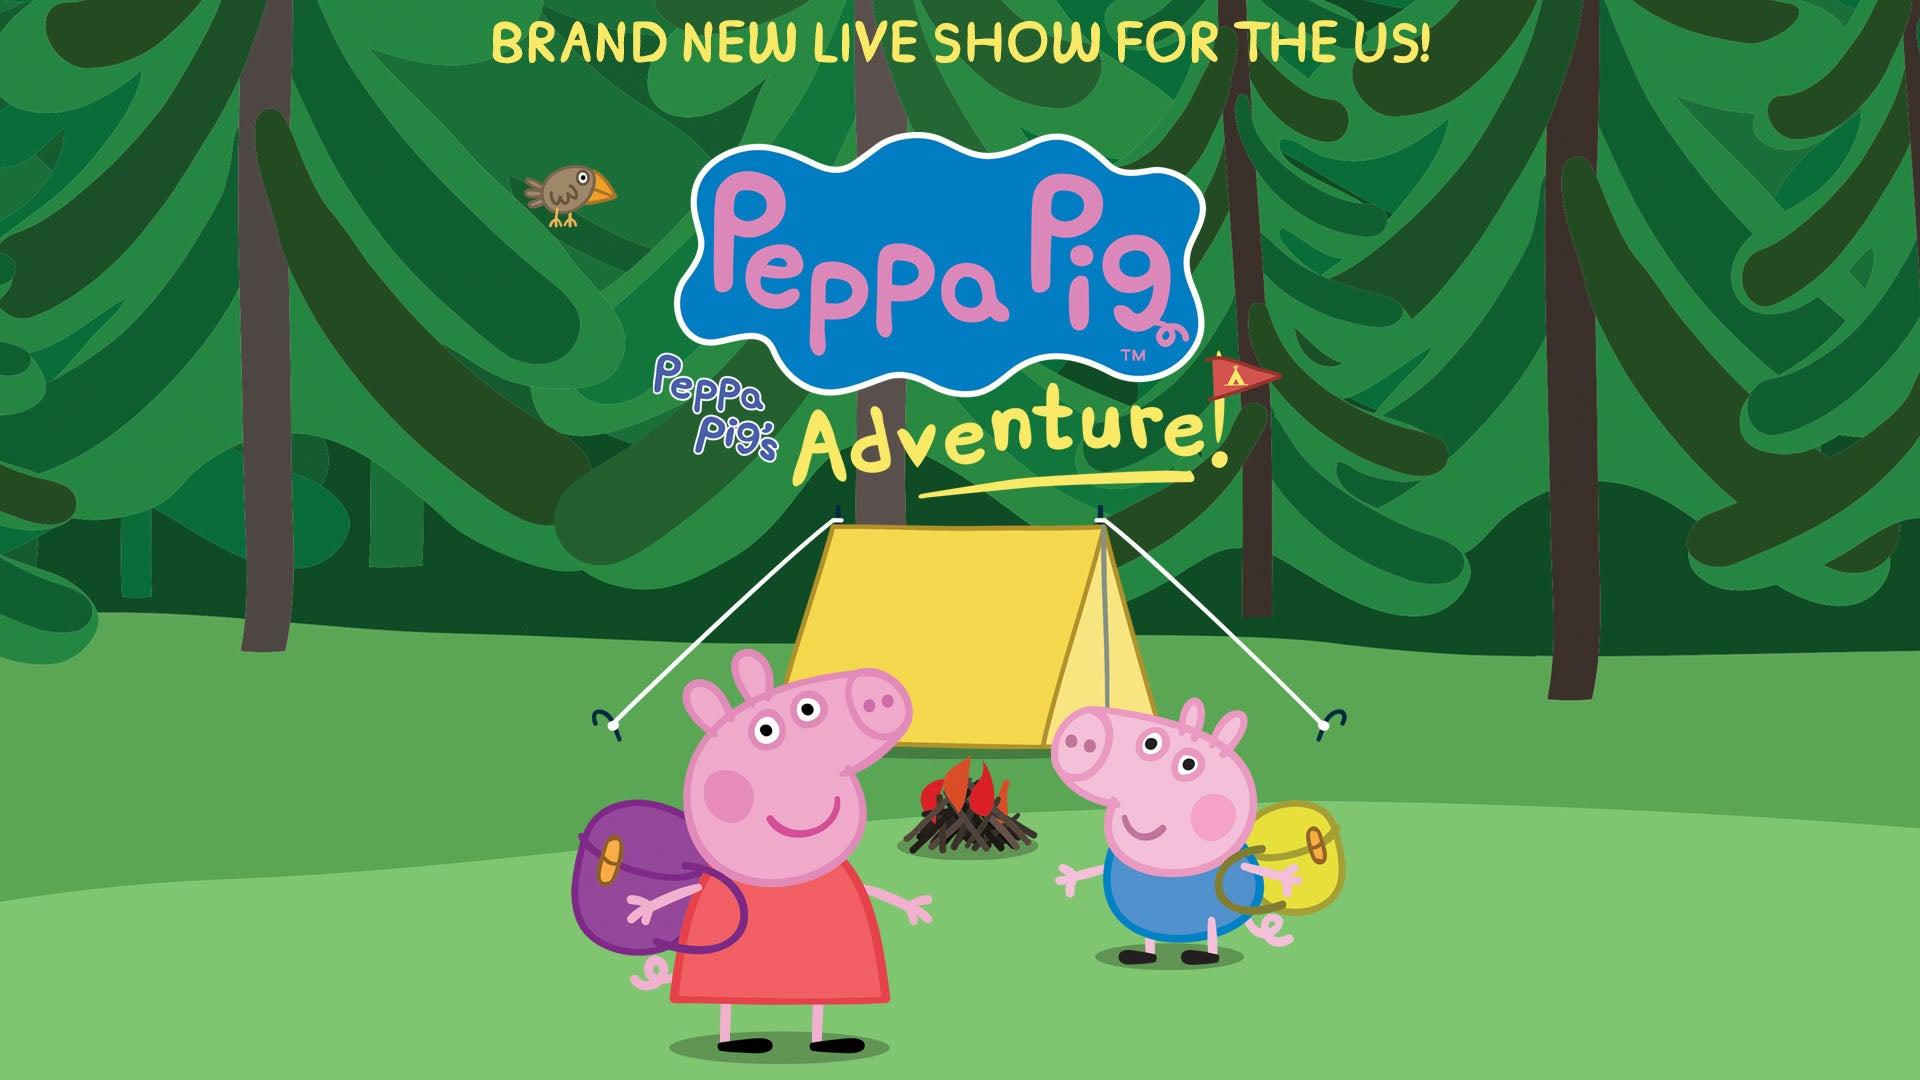 Peppa_Pig_s_Adventure-1920x1080.jpg